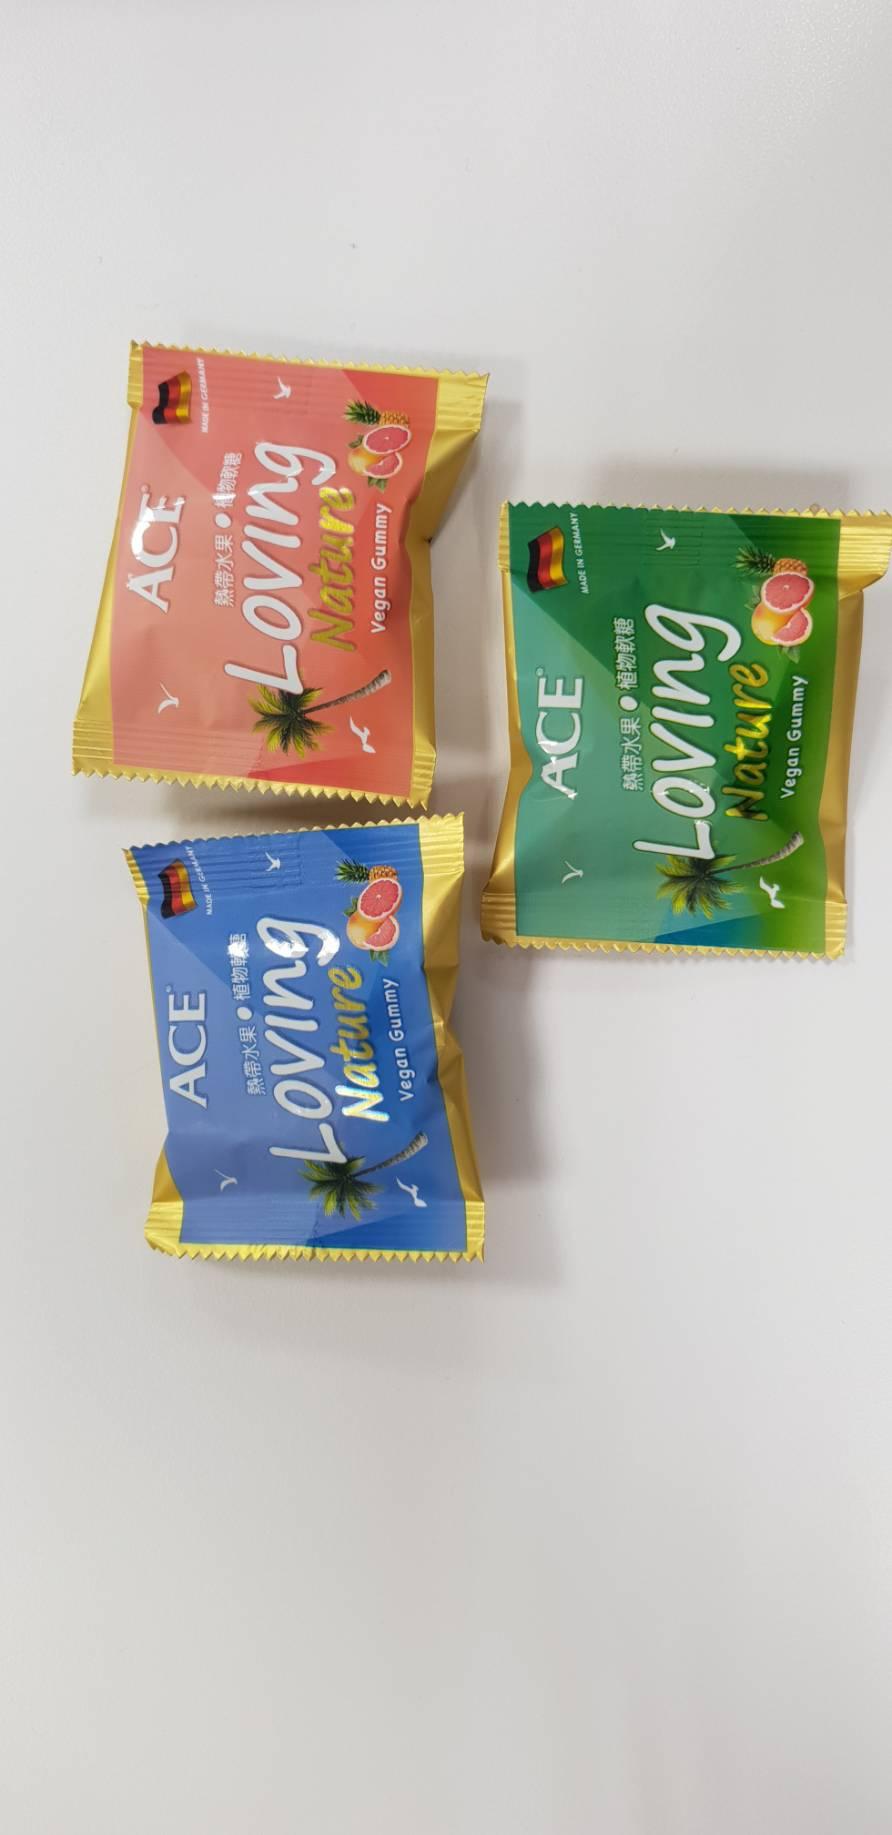 最受醫師診所推薦的年節禮盒|無糖軟糖、最天然的零食超級促銷限量團購,今年我們一起健康健康吧!